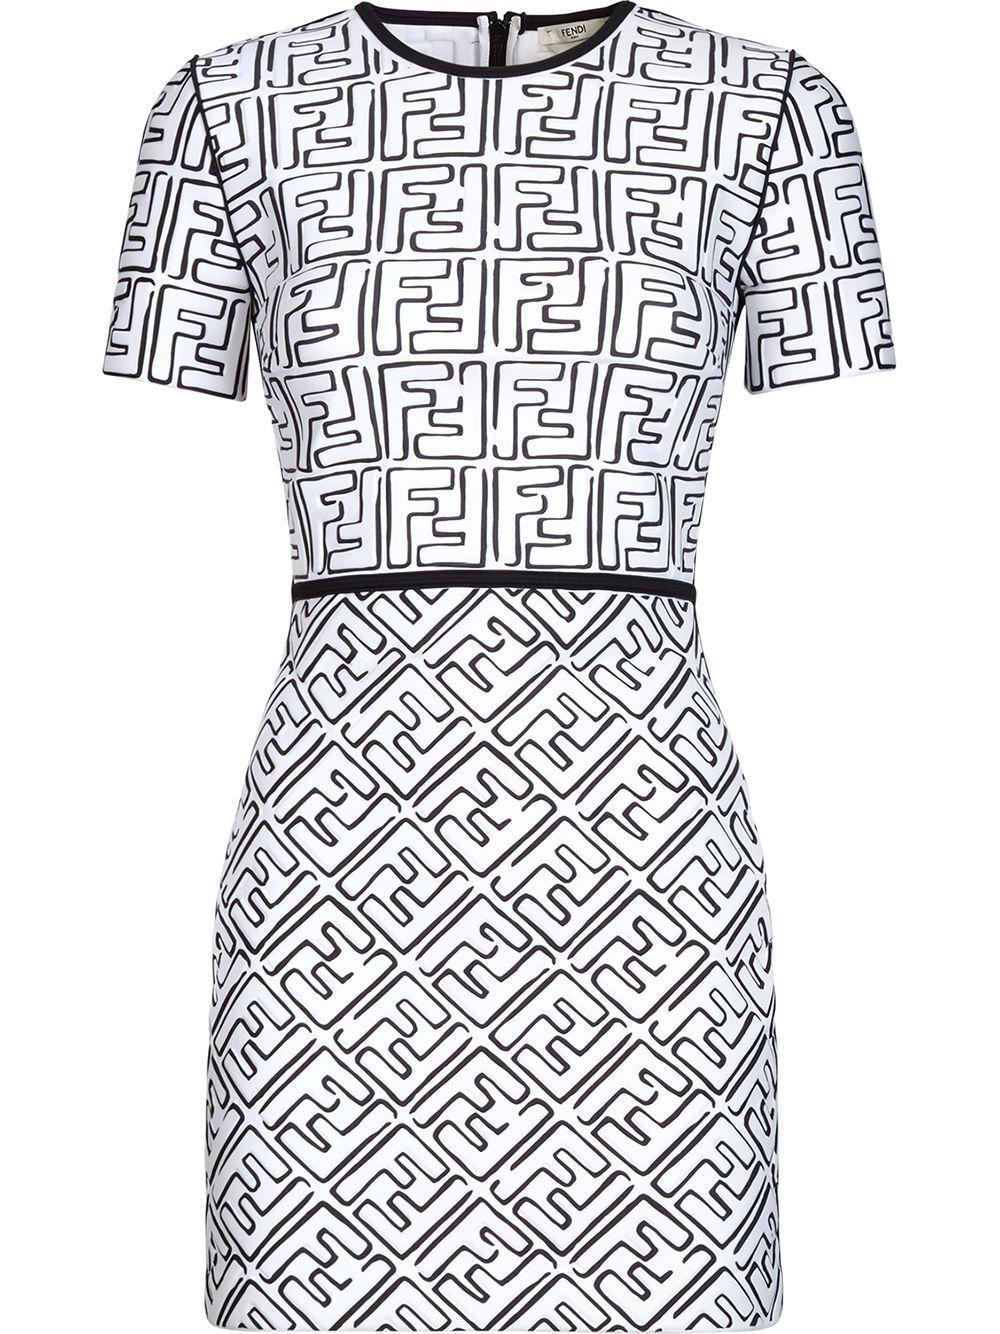 Fendi X Joshua Vides Ff Print Dress Farfetch Fendi Dress Fashion Clothes [ 1334 x 1000 Pixel ]